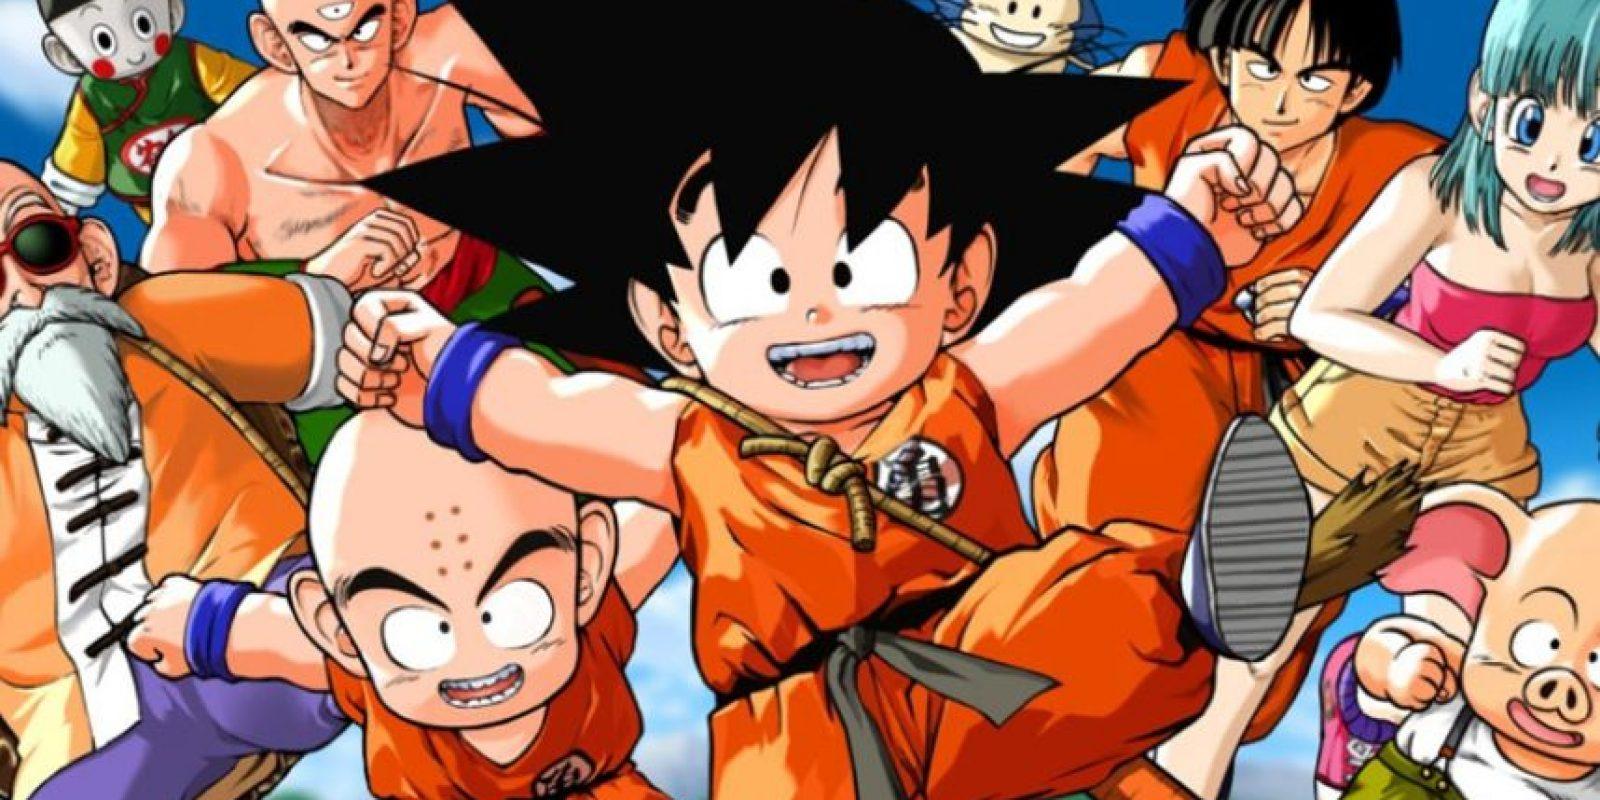 """""""Pero, sin embargo, salieron a la luz las picardías que gozaba la serie con Goku como niño. Entre ellas, el que Bulma tuviera desnudos- muy breves y parciales, casi siempre tapada por espuma u otra cosa. O el qué Goku saliera desnudo"""" Foto:vía Toei"""